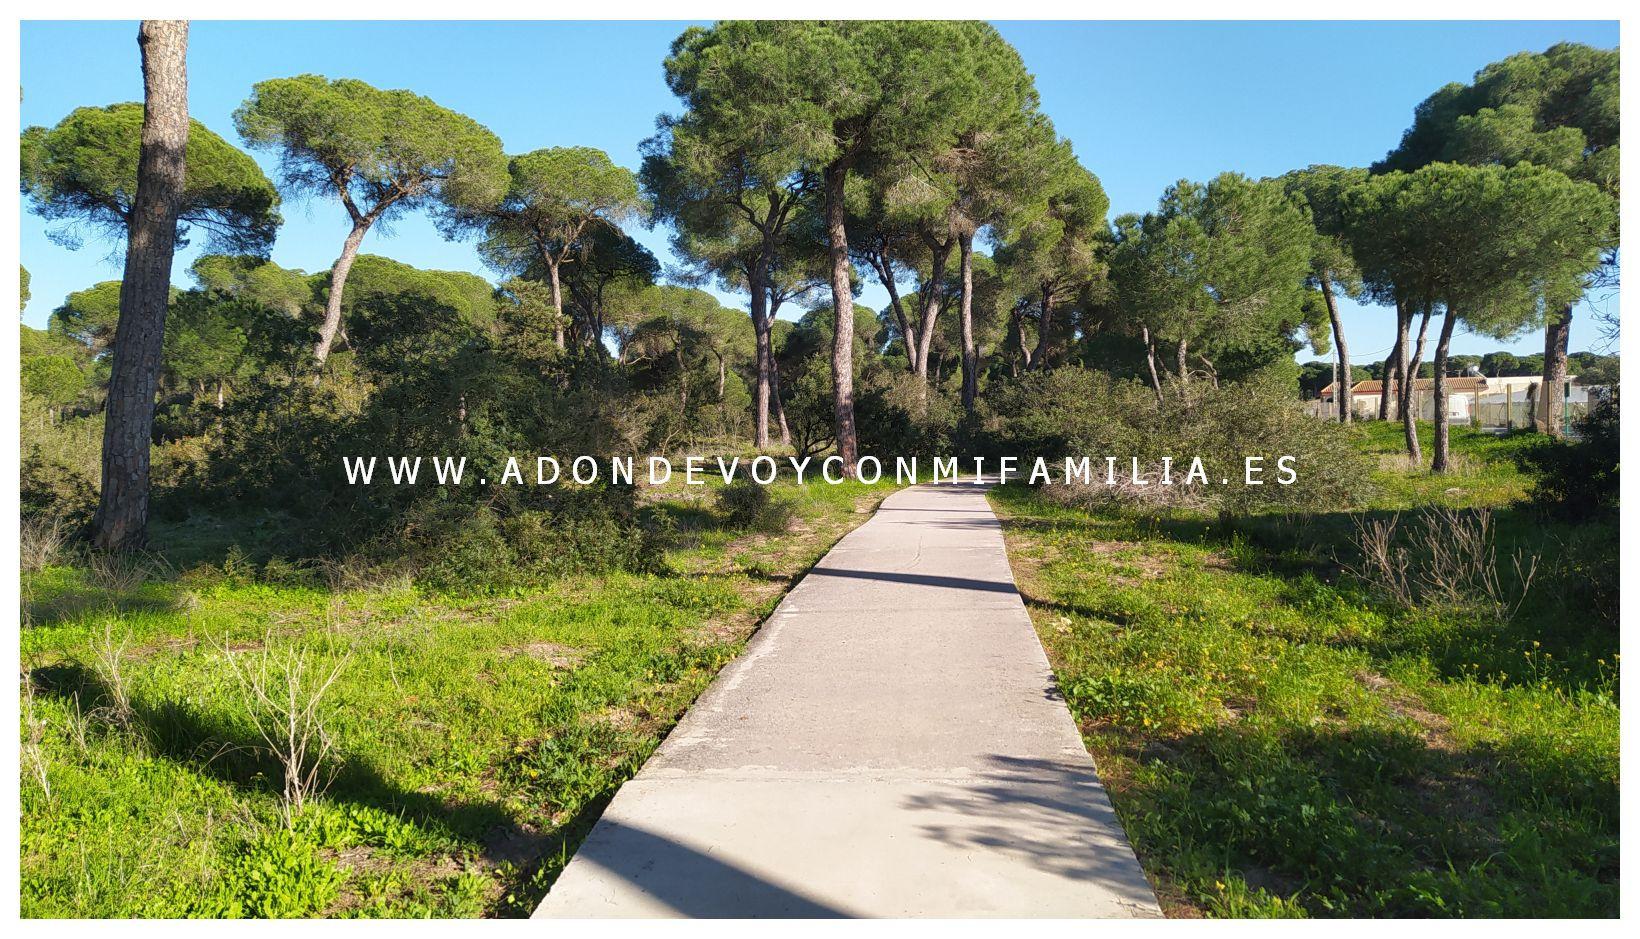 sendero-cerro-del-aguila-pinar-de-la-algaida-sanlucar-adondevoyconmifamilia-35